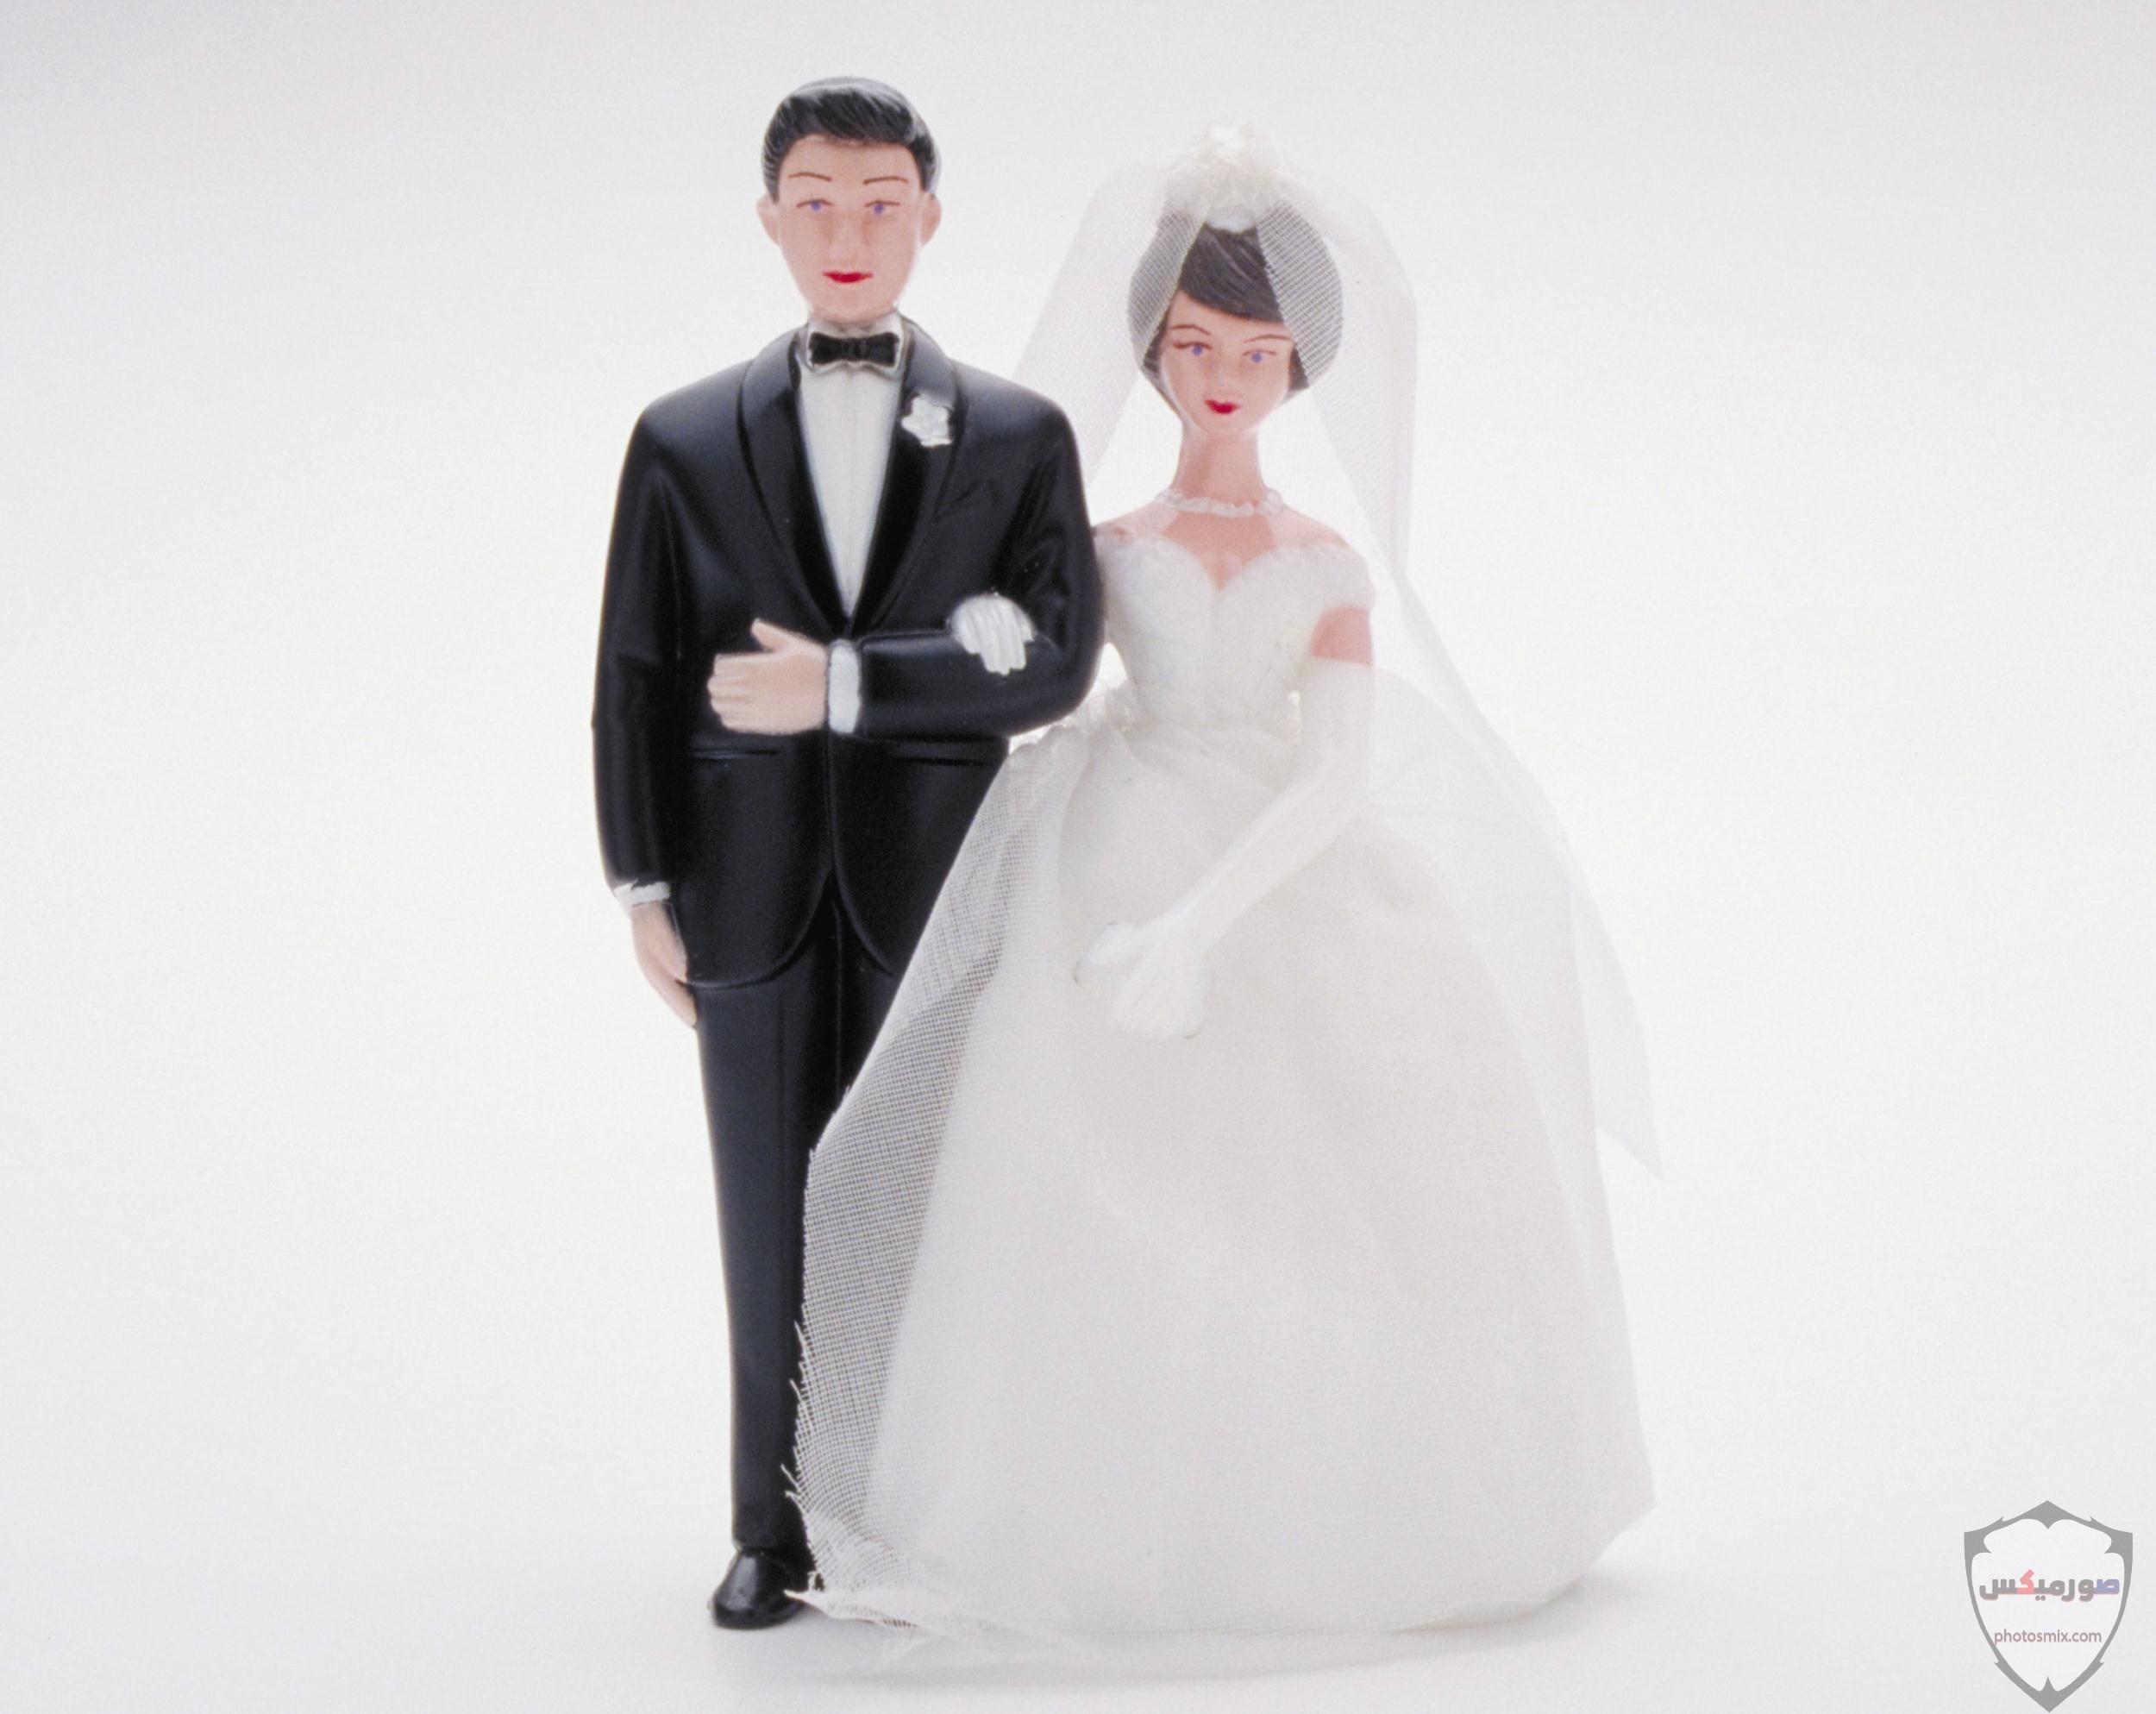 صورى انا وزوجى 2020 صور حب عن الزوج اجمل العبارات عن الزوج وخطيبى 2021 18